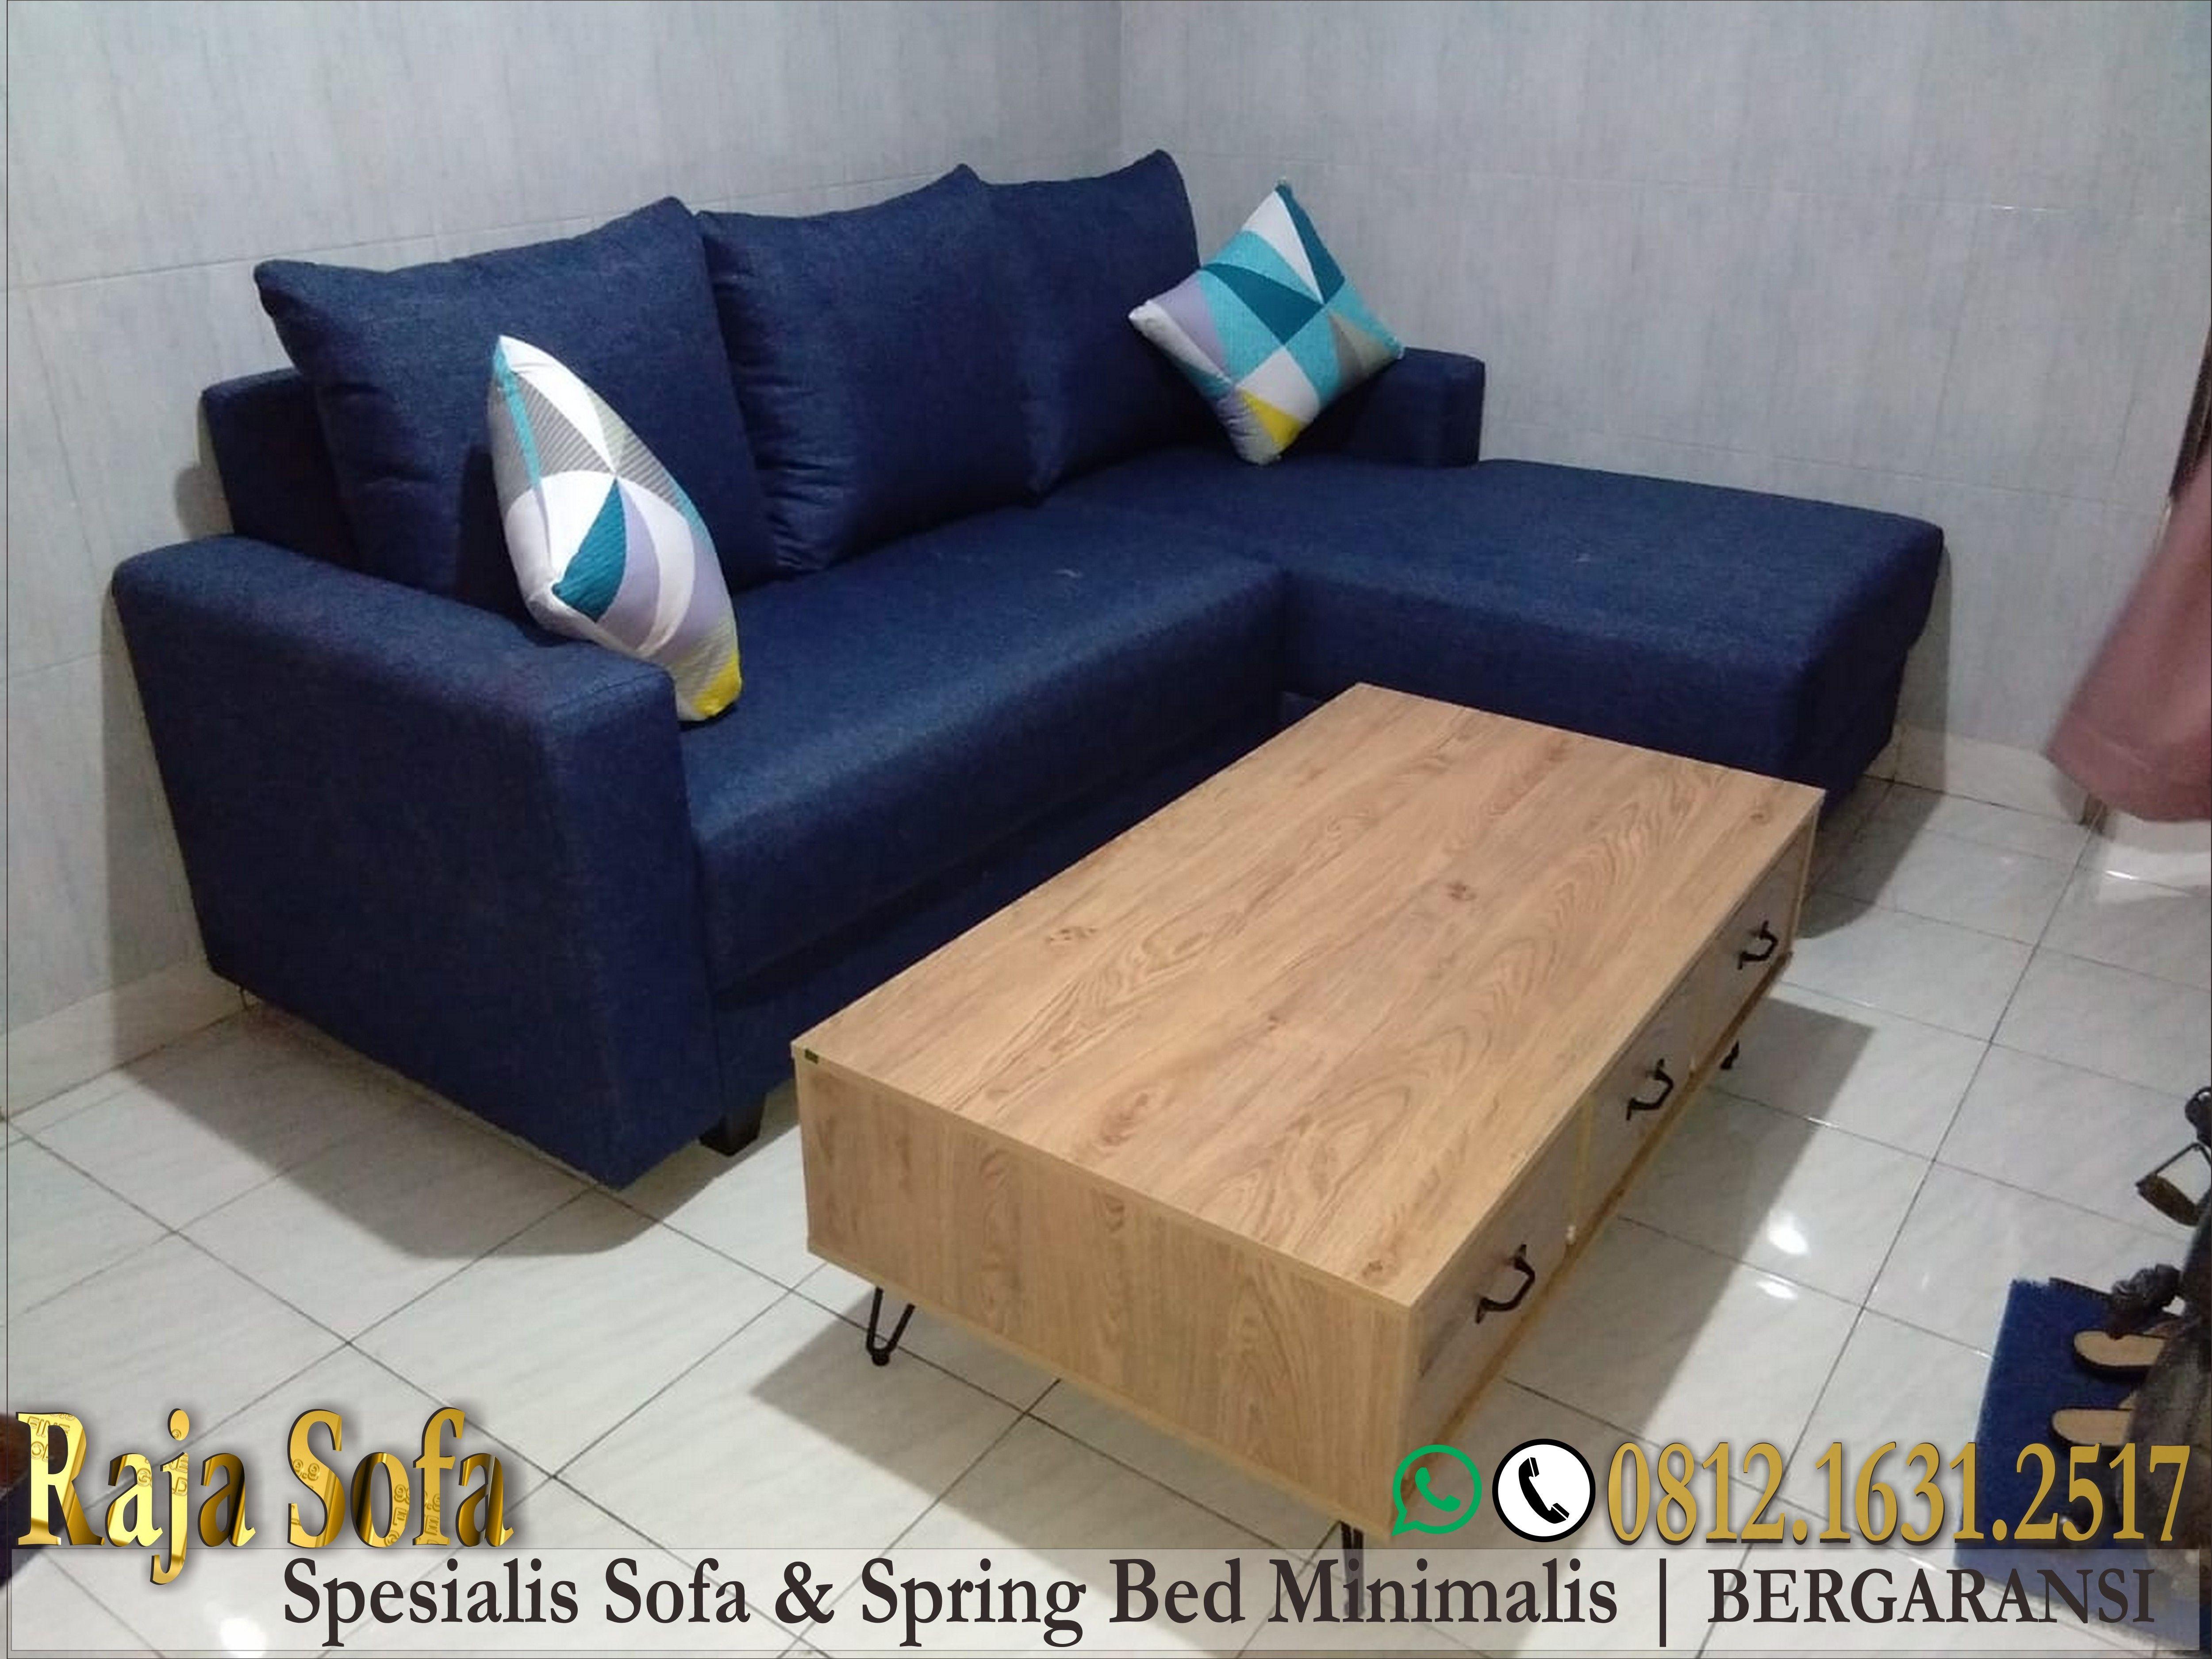 Sofa Minimalis Buat Ruang Tamu Kecil, Sofa Minimalis Buat Rumah Kecil, WA  0812.1631.2517 | Sofa, Minimalis, Rumah Kecil